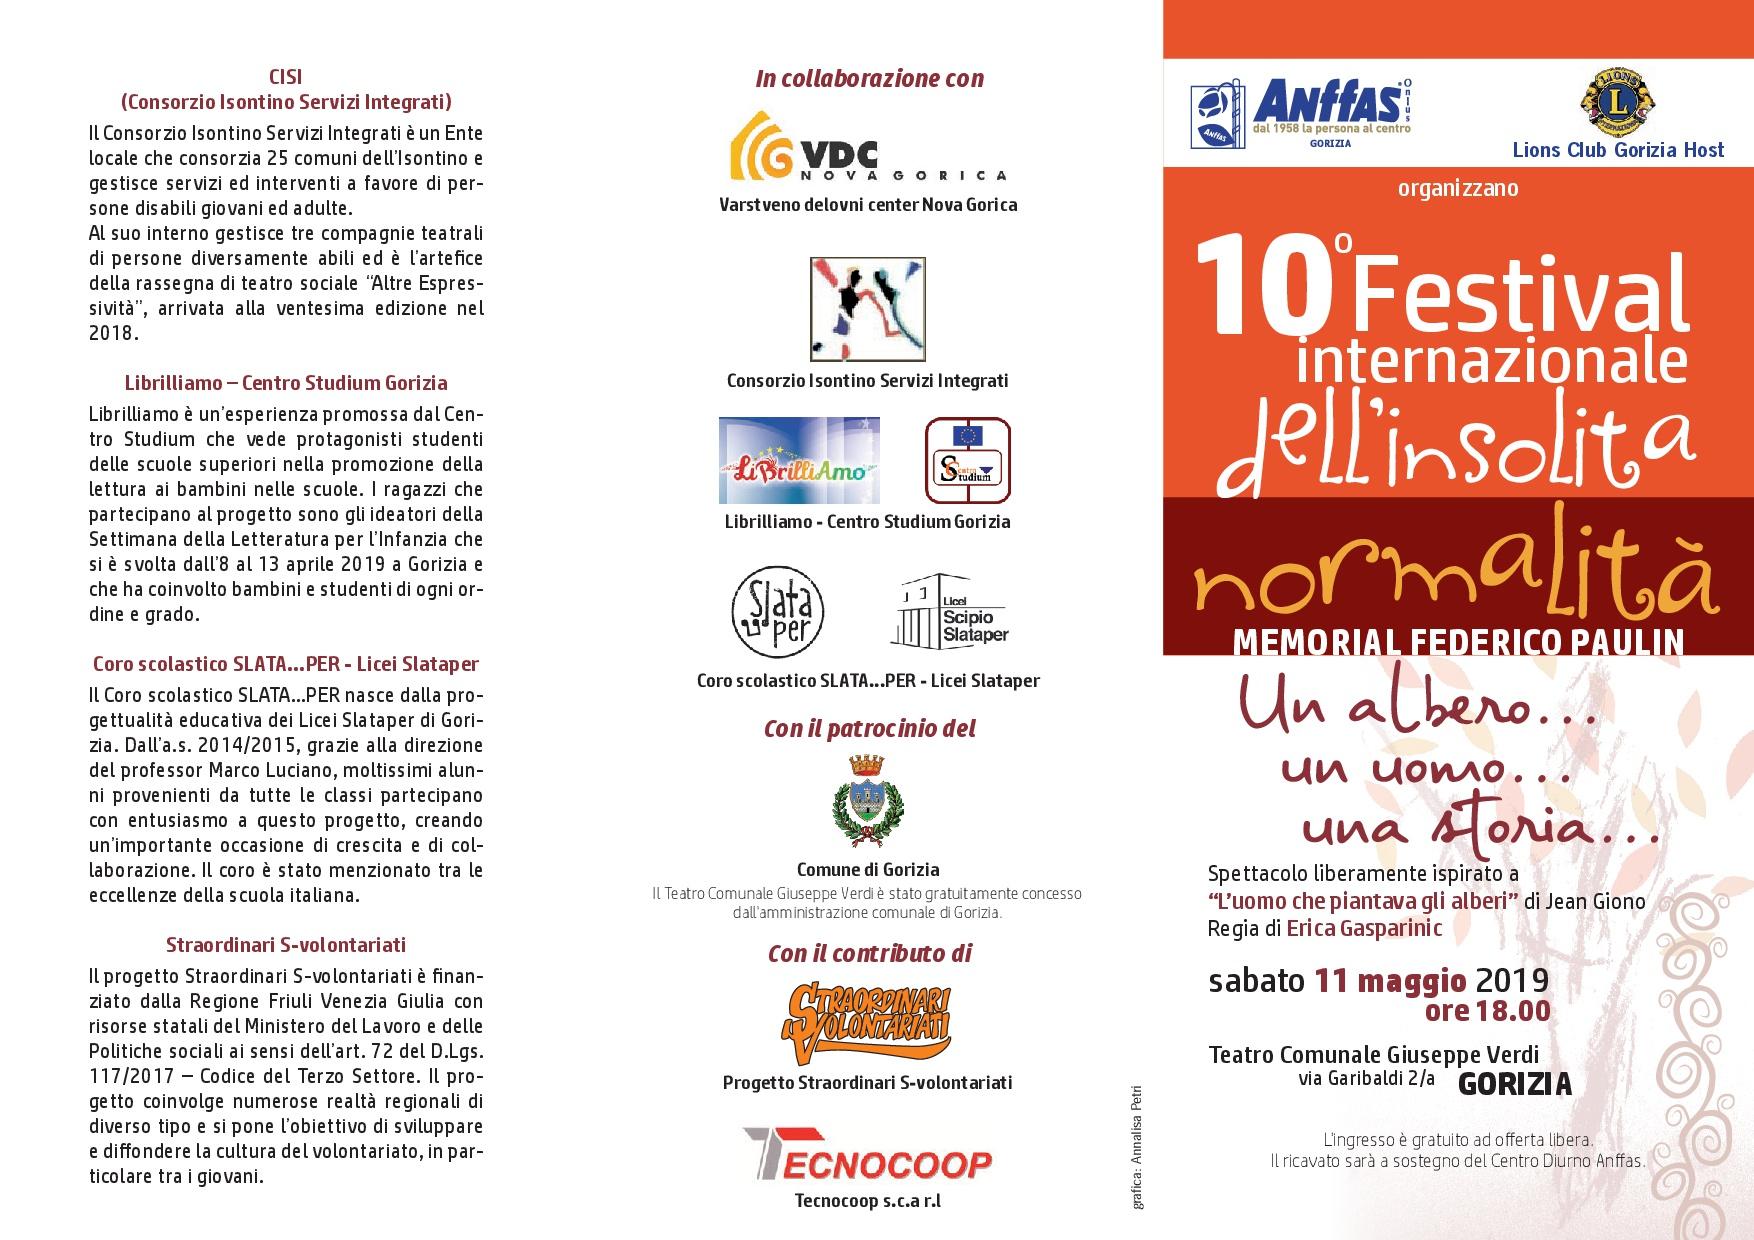 10° Festival Internazionale dell'Insolita Normalità - Memorial Federico Paulin